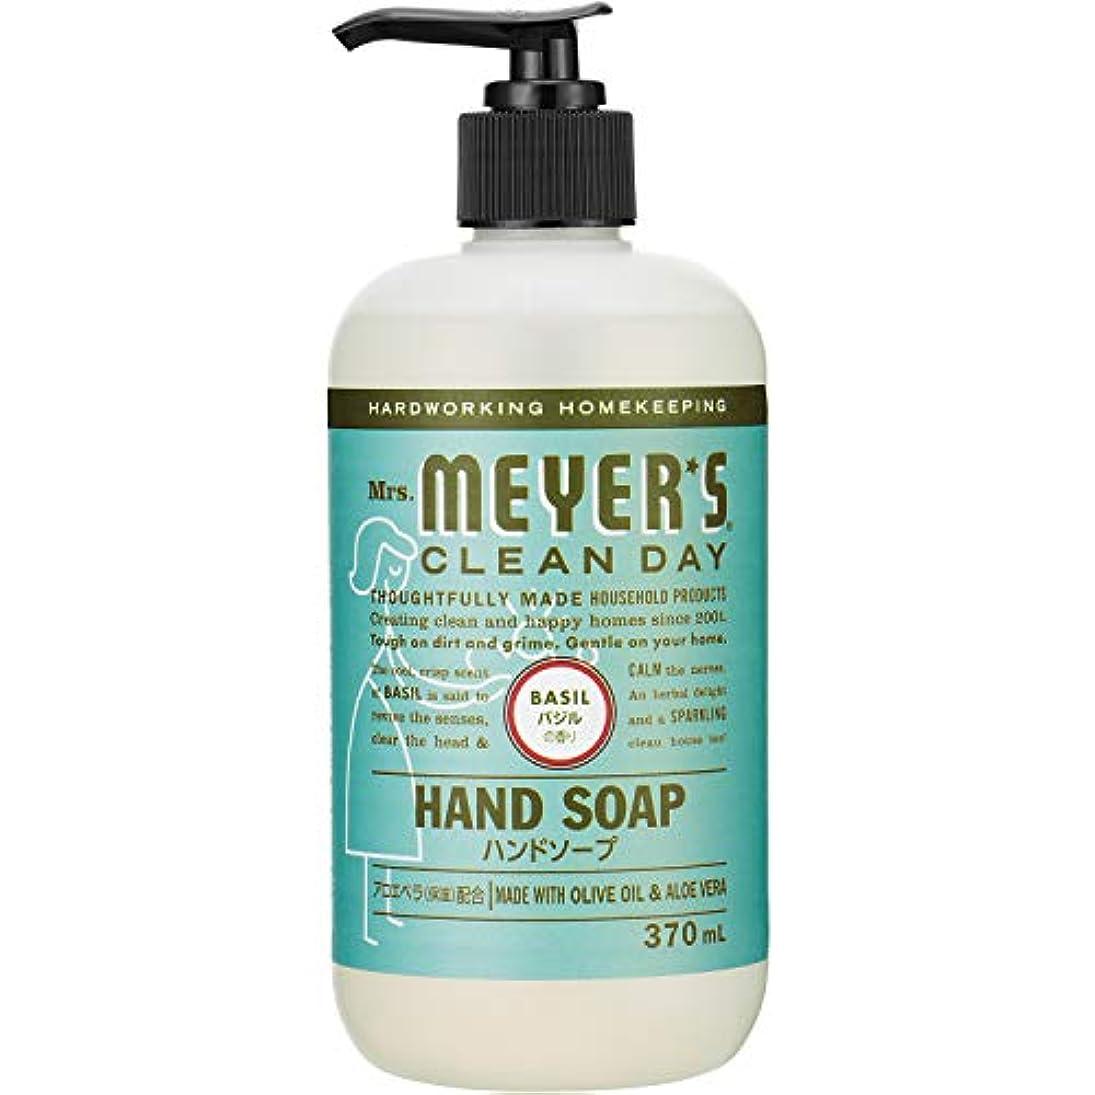 無駄に教えてヒステリックMrs. MEYER'S CLEAN DAY(ミセスマイヤーズ クリーンデイ) ミセスマイヤーズ クリーンデイ(Mrs.Meyers Clean Day) ハンドソープ バジルの香り 370ml 1個